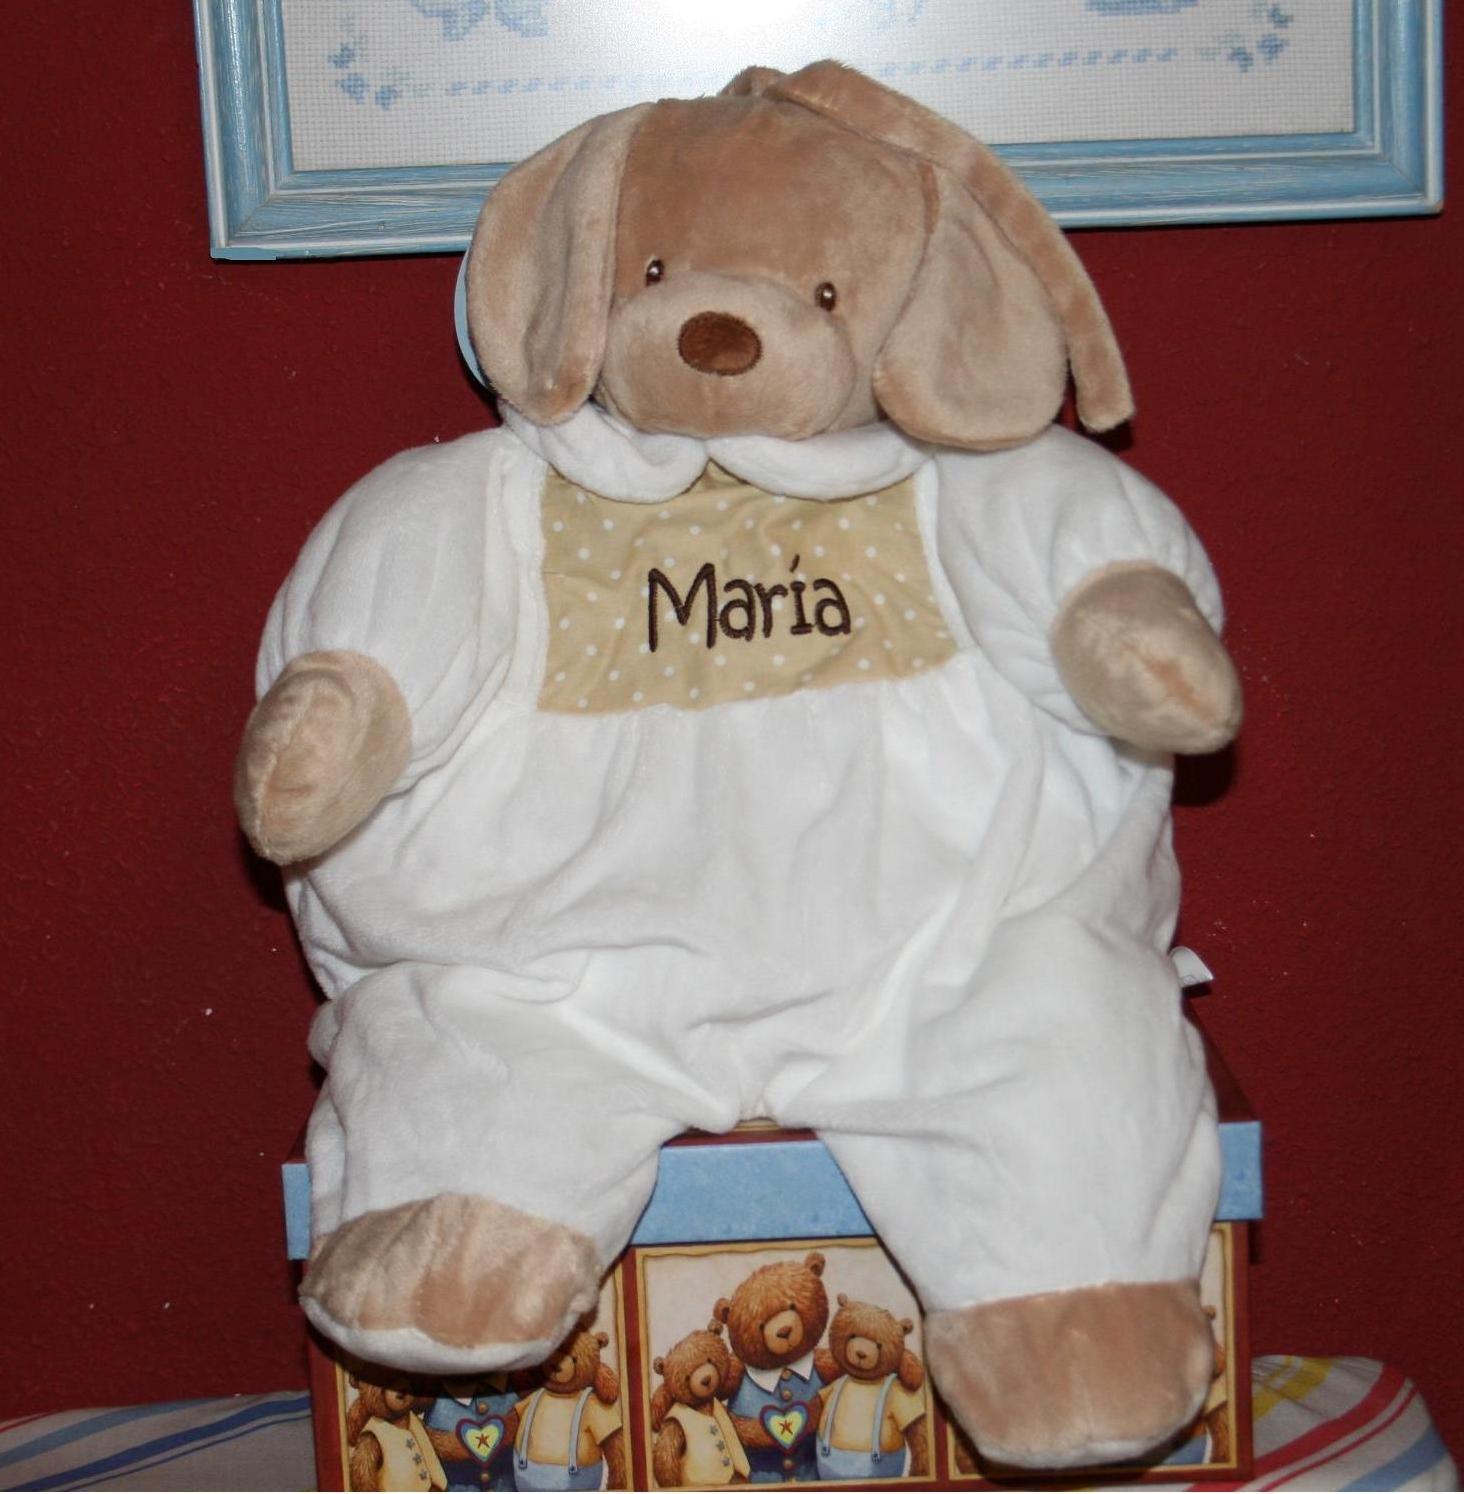 PRIMERAEDAD/ Muñeco guarapañales personalizado con mombre/color beige/ Casa Dorada del Mediterraneo S.L.